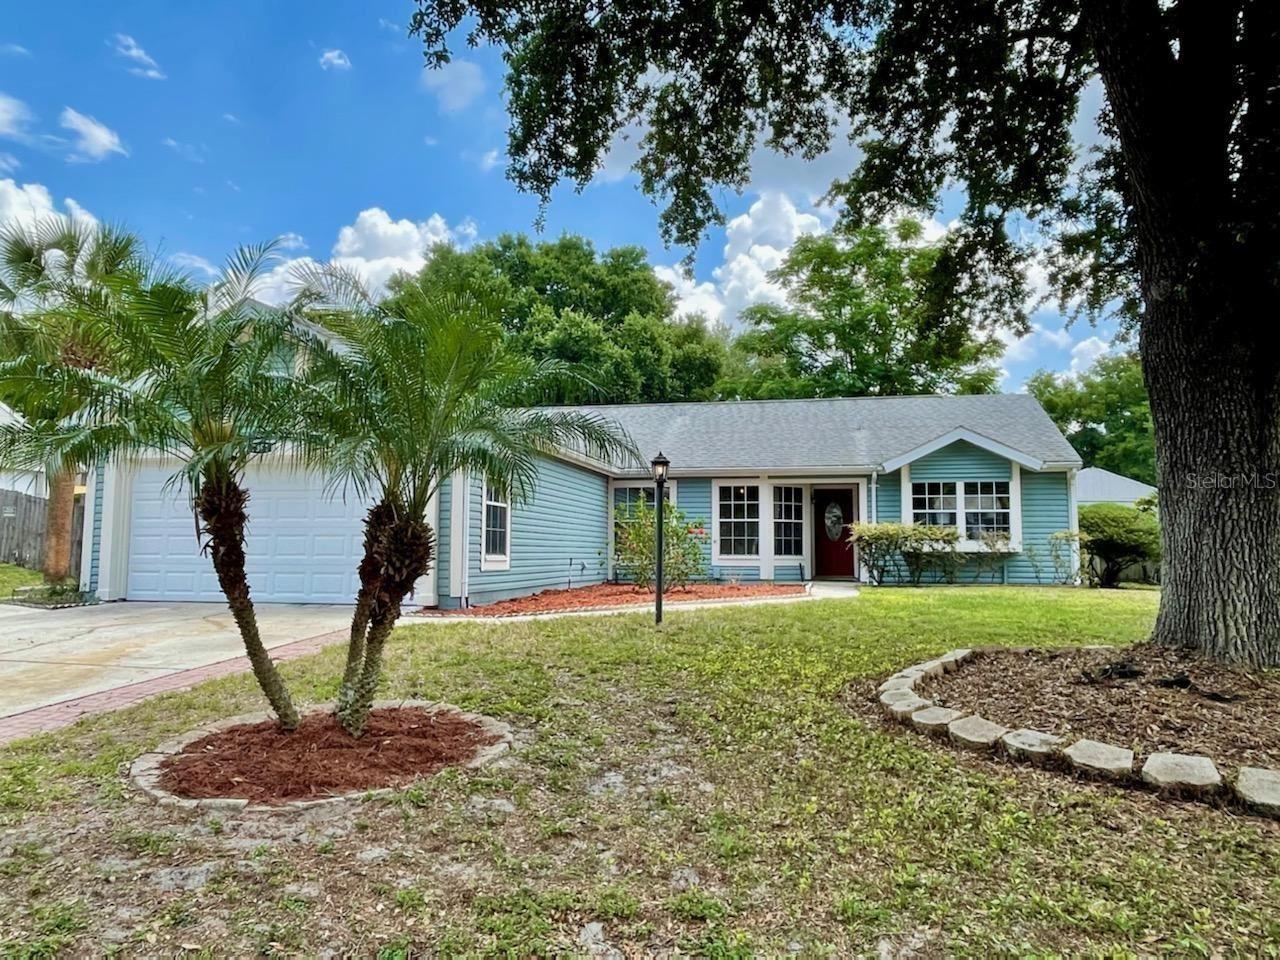 7391 LAZY HILL DRIVE, Orlando, FL 32818 - MLS#: O5944189